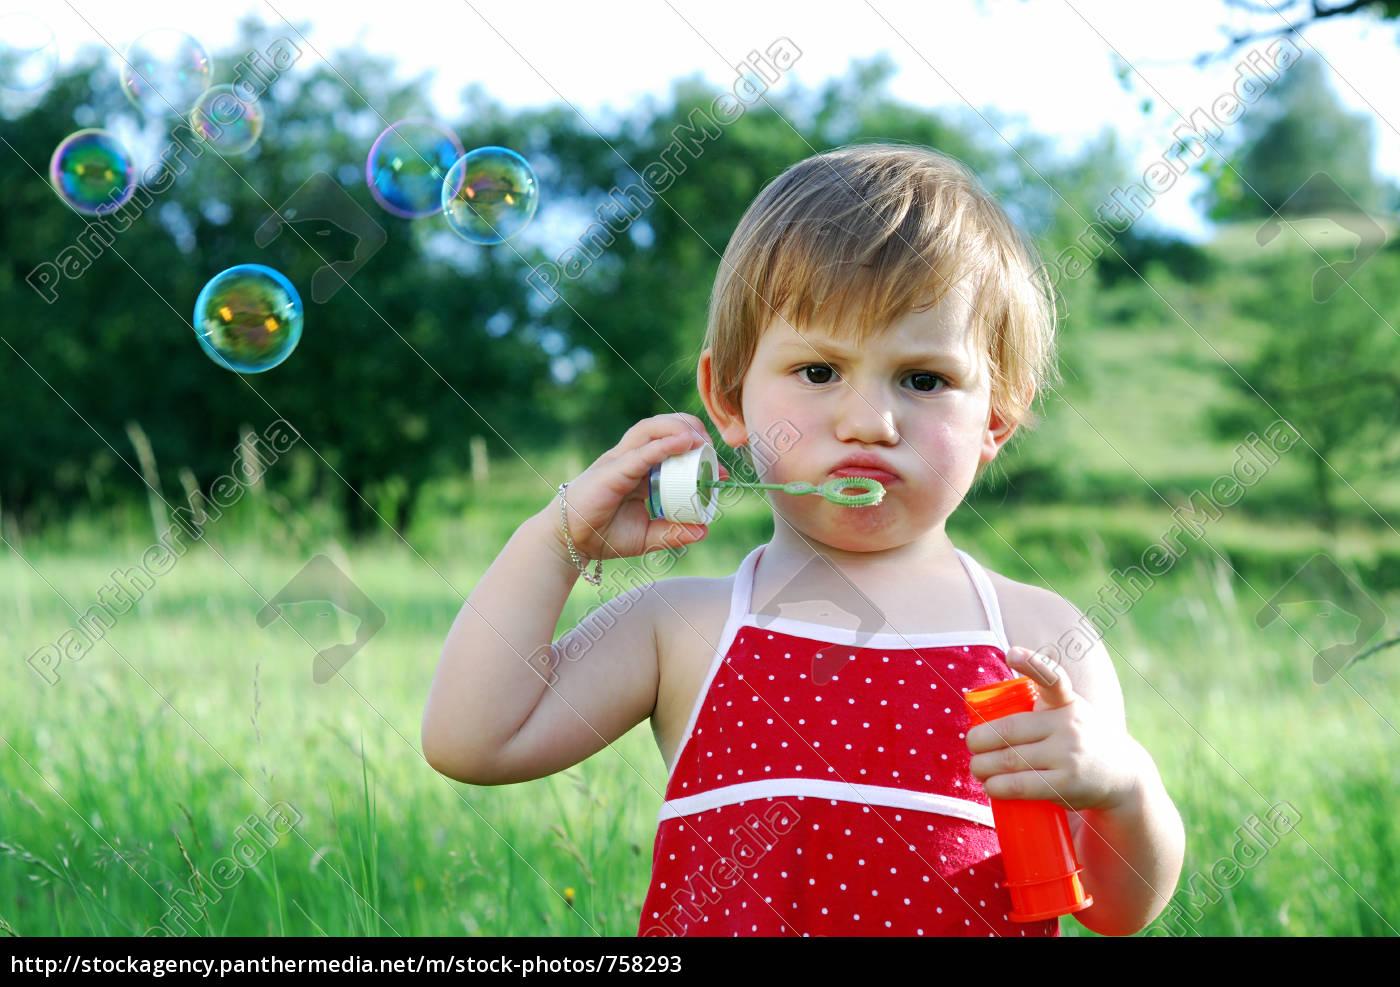 bubble - 758293